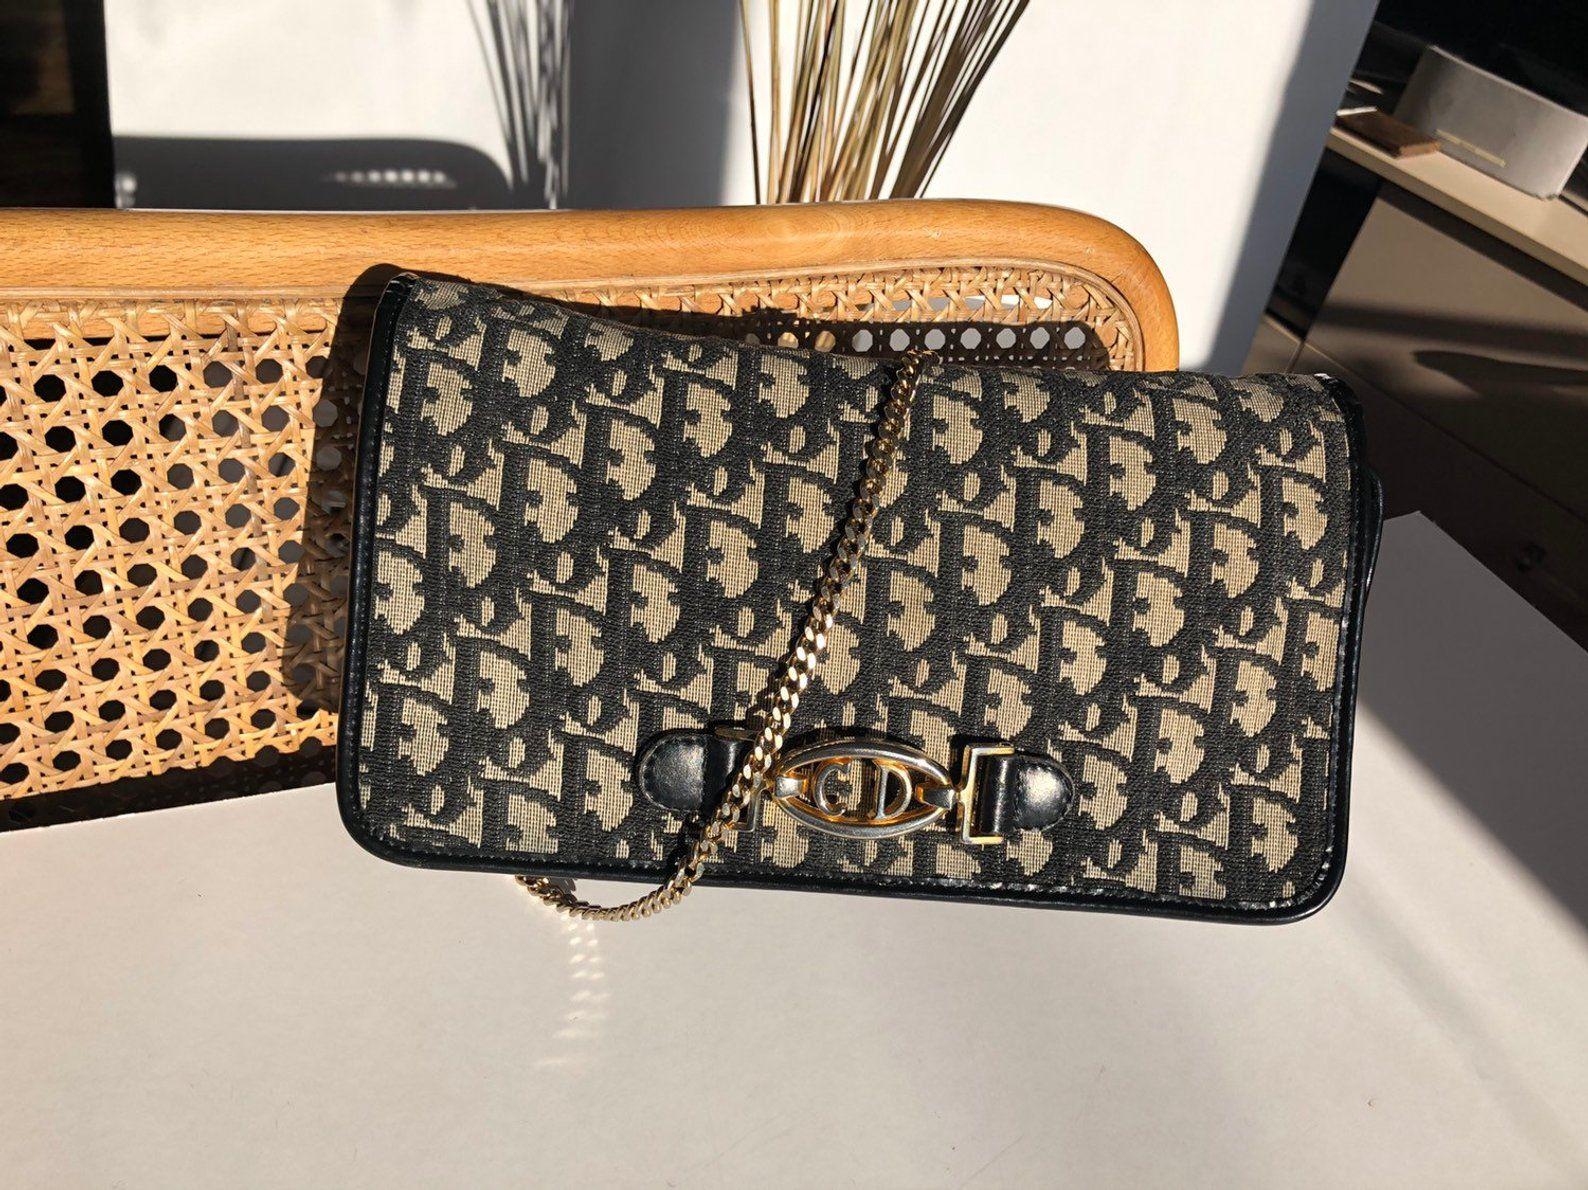 Black Dior Clutch Bag